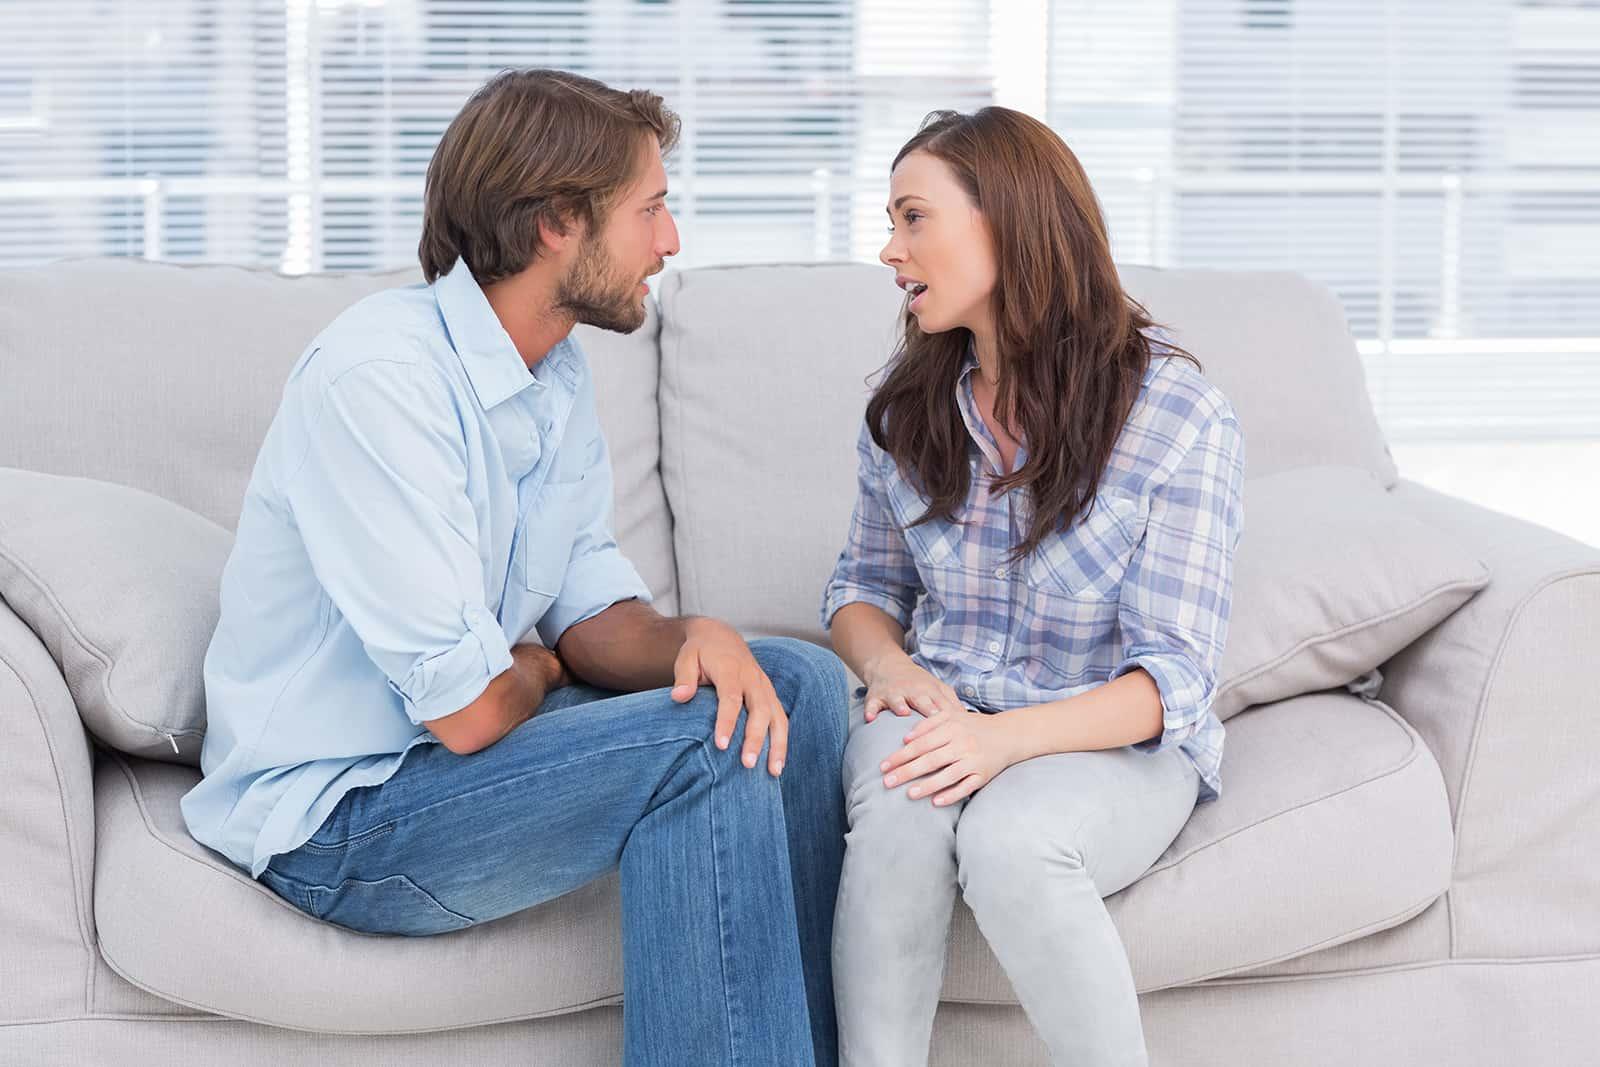 Ein Paar spricht über ihre Beziehungsprobleme, während es auf der Couch sitzt